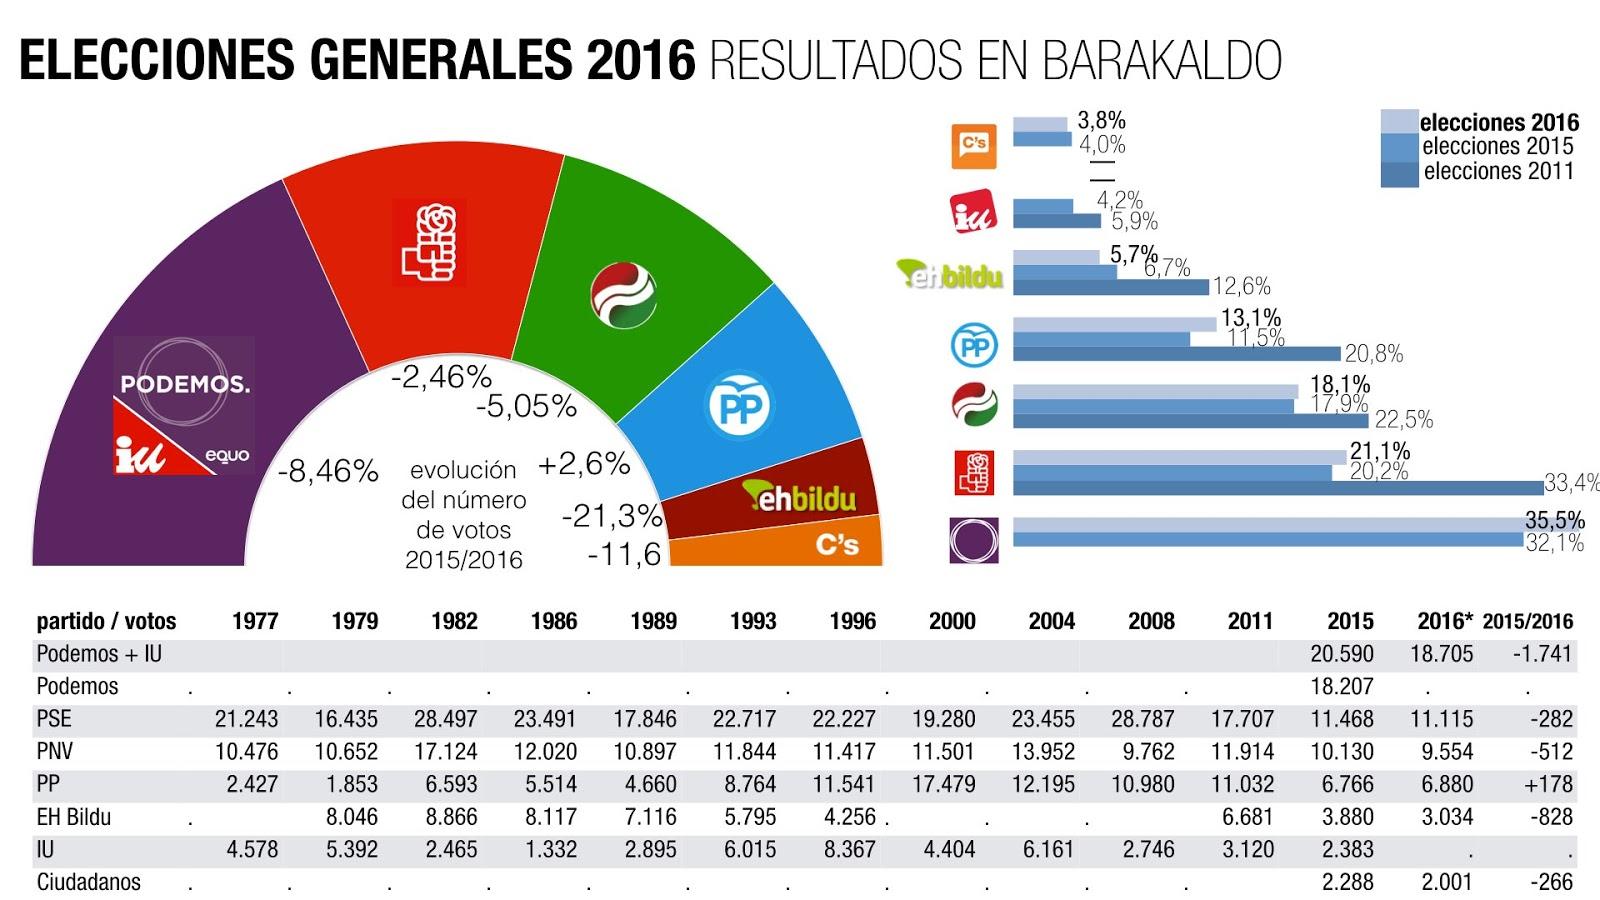 Barakaldo digital elecciones ehbildu se hunde y unidos for Resultados electorales mir